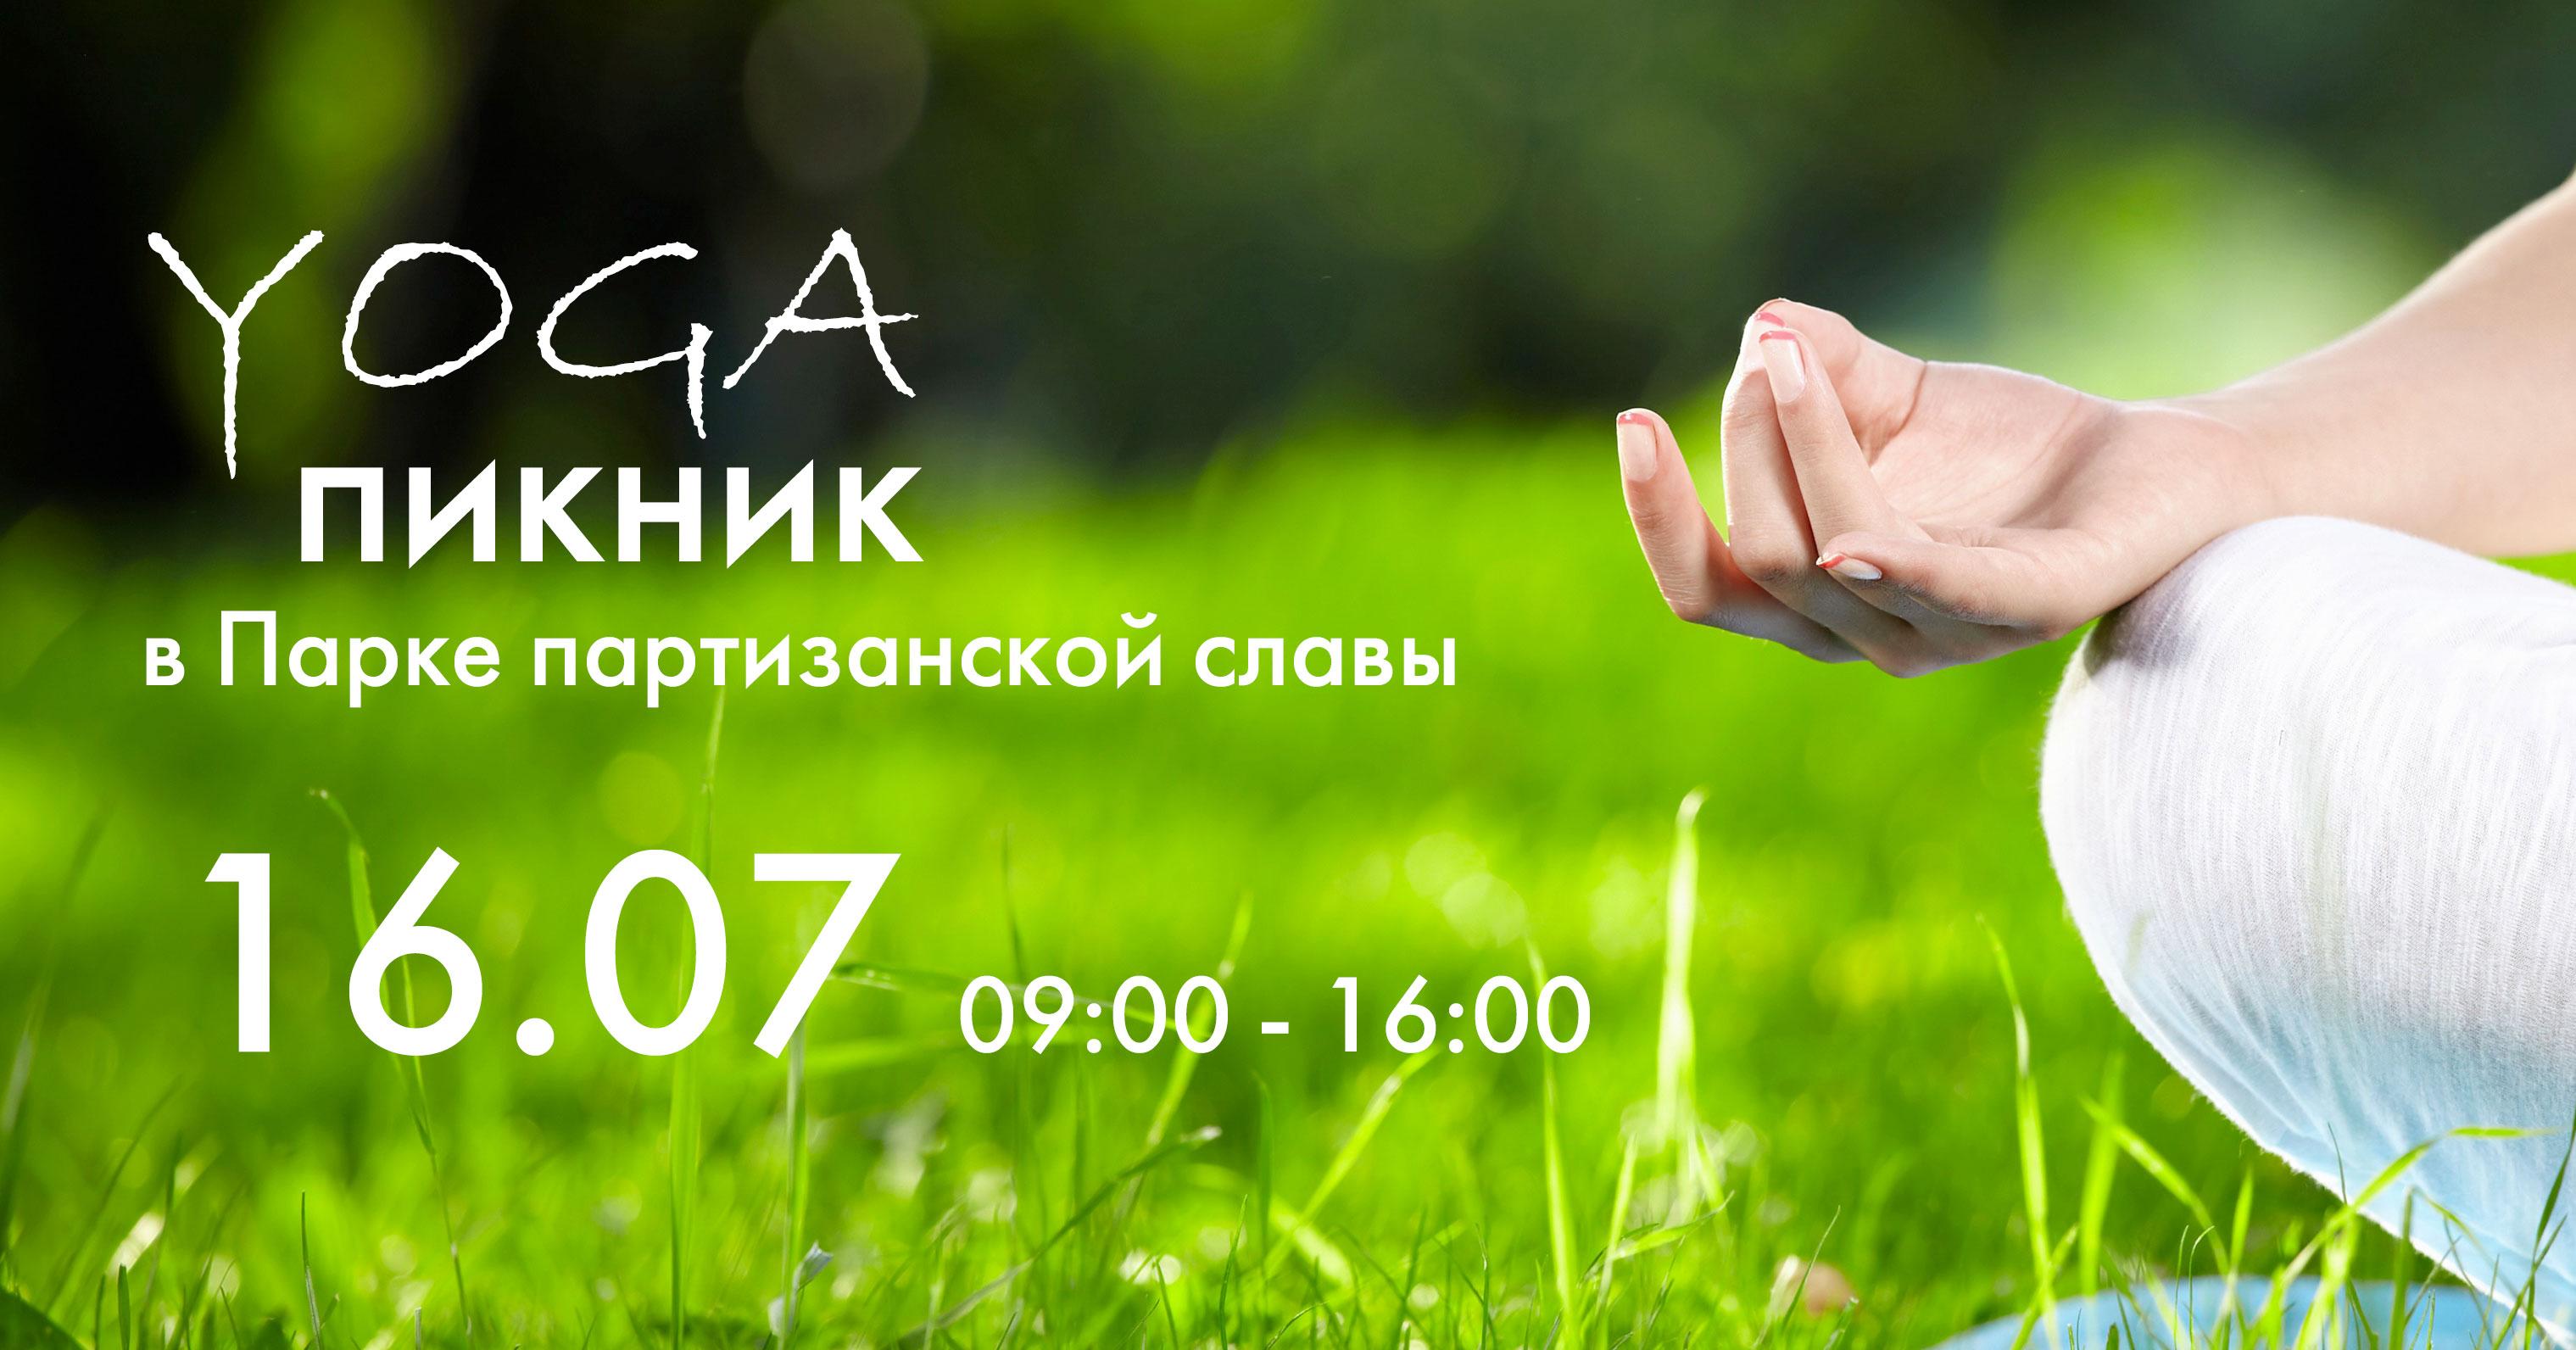 Йога-пикник в Парке партизанской славы<br / >16 июля 09:00-16:00